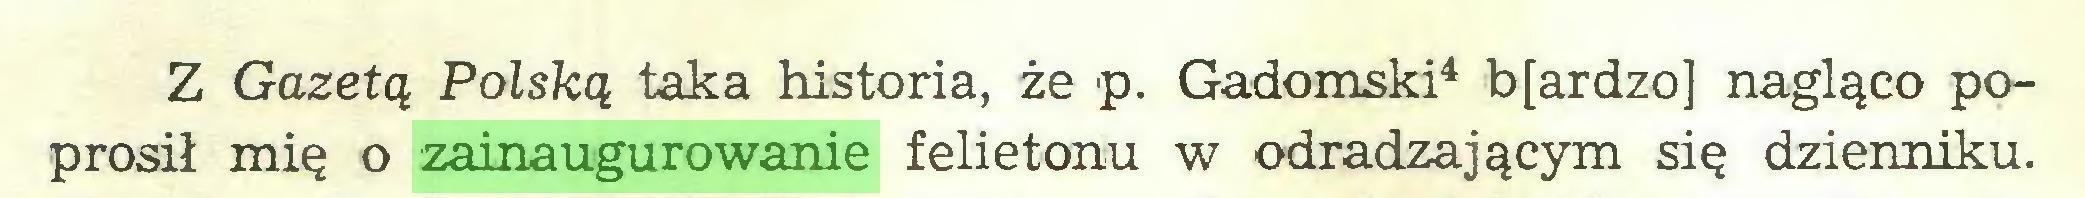 (...) Z Gazetą Polską taka historia, że p. Gadomski4 b[ardzo] nagląco poprosił mię o zainaugurowanie felietonu w odradzającym się dzienniku...